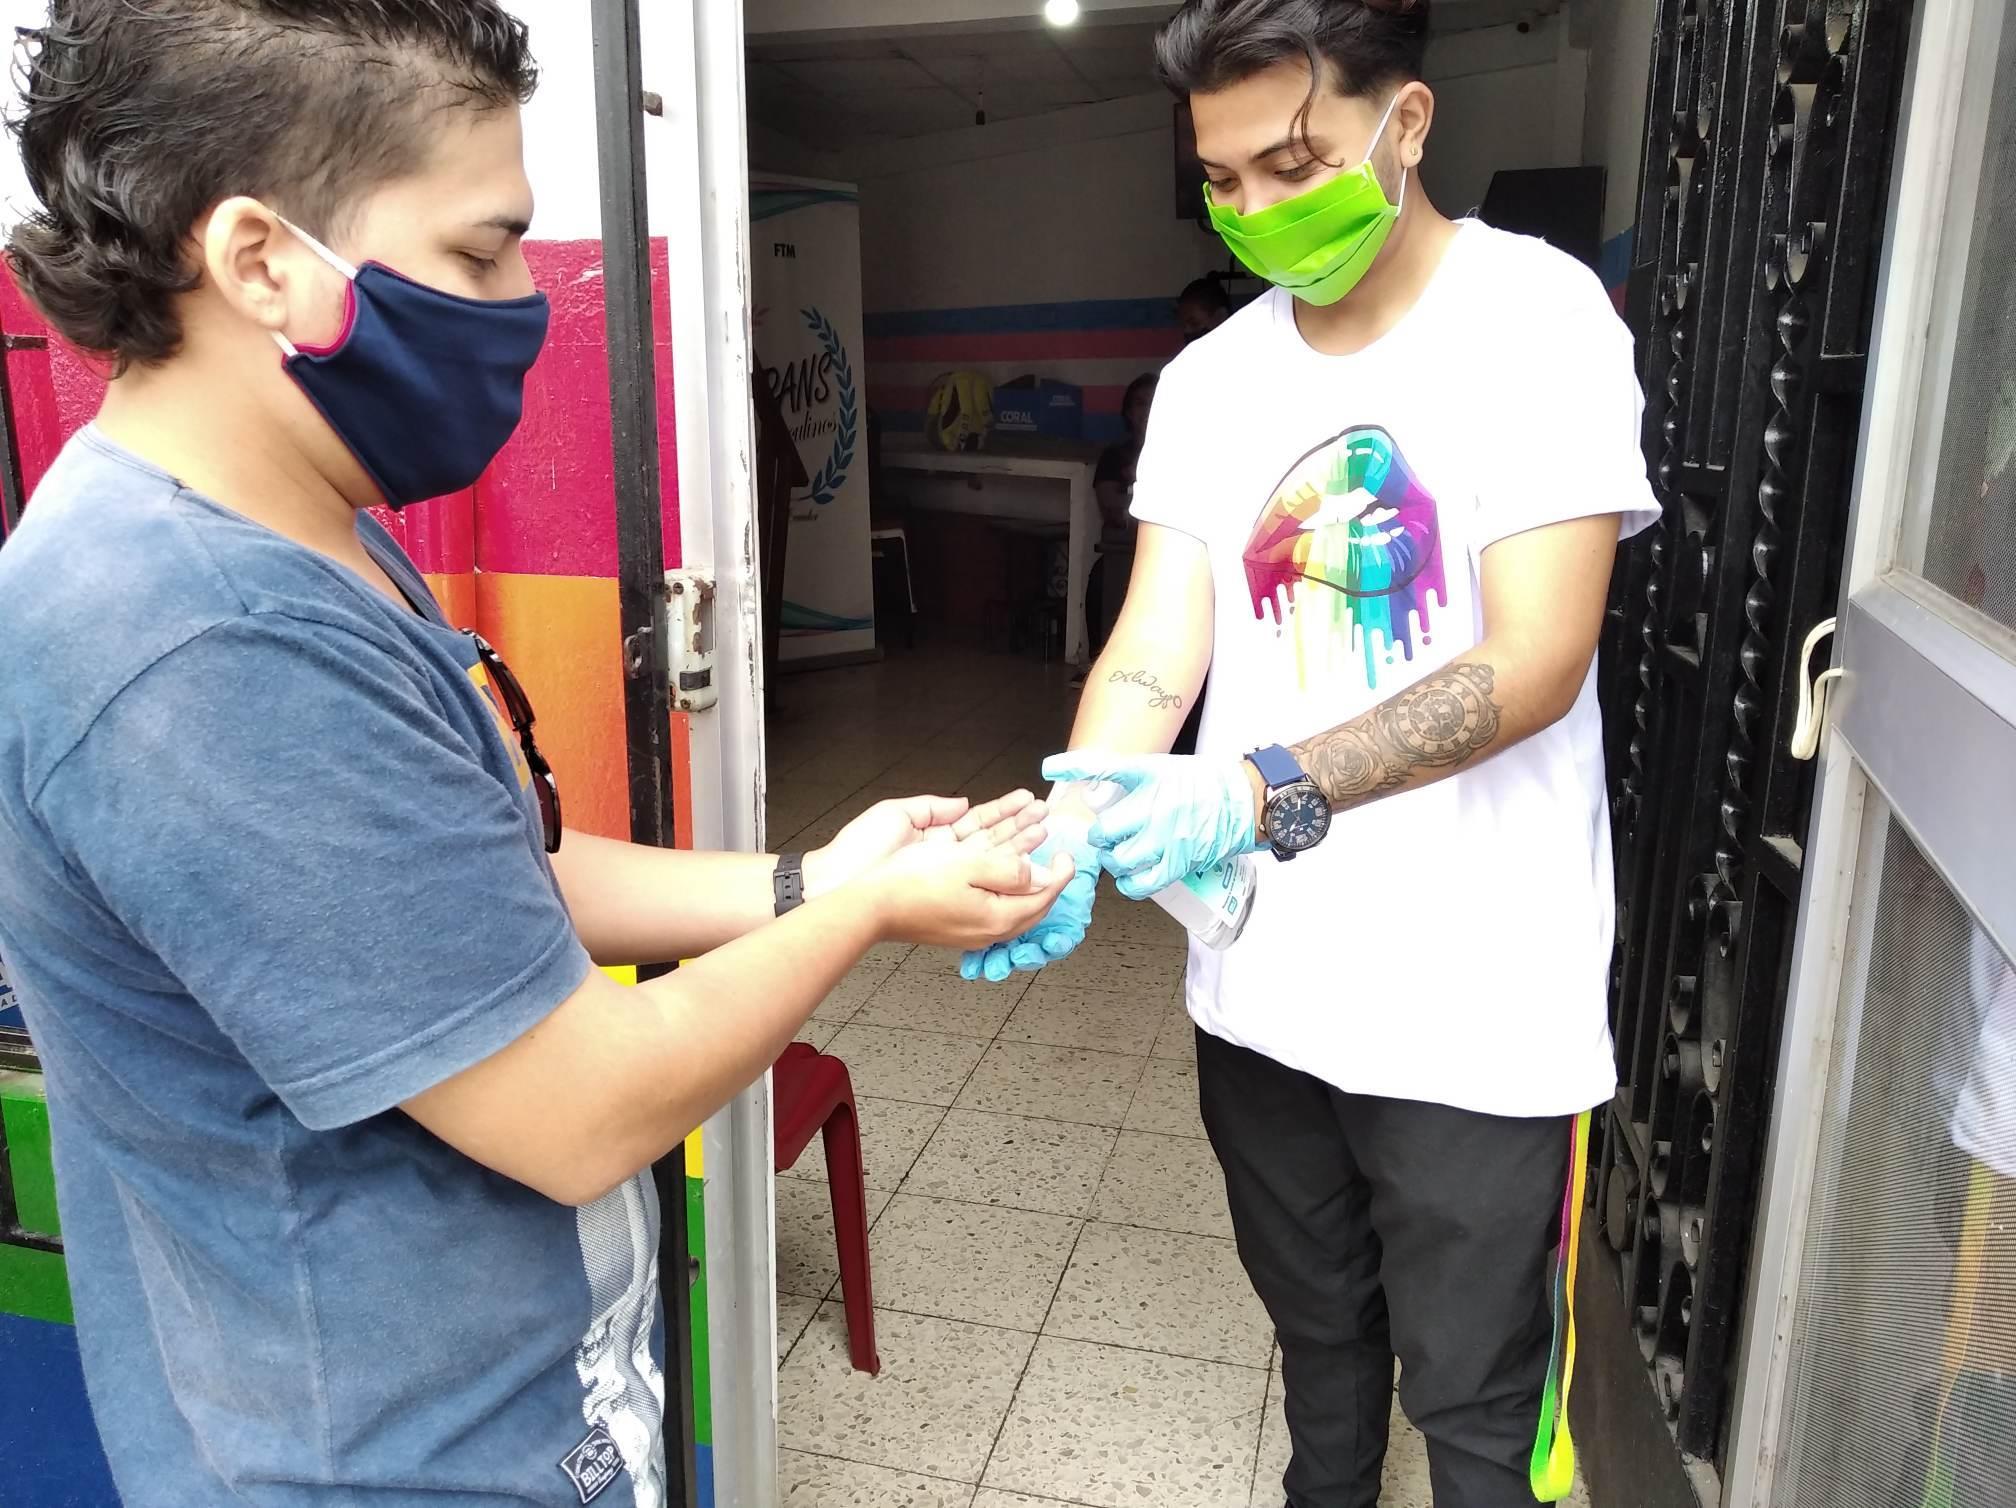 Inauguración del Primer Comedor Comunitario Trans en Guayaquil - Ecuador iniciativa de la Asociación Silueta X (14)